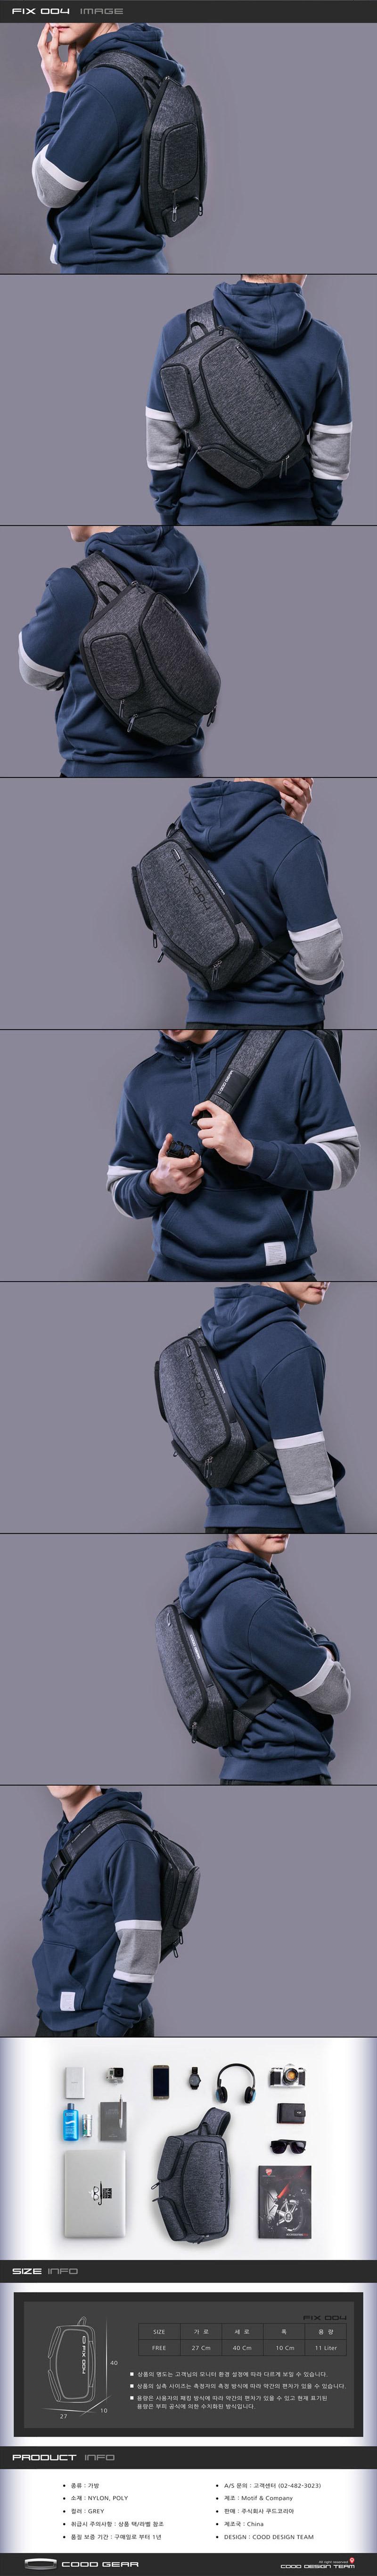 쿠드기어 남자가방 슬링백 11L 캐쥬얼슬링백 FIX004 - 쿠드기어, 138,000원, 크로스/숄더백, 크로스백